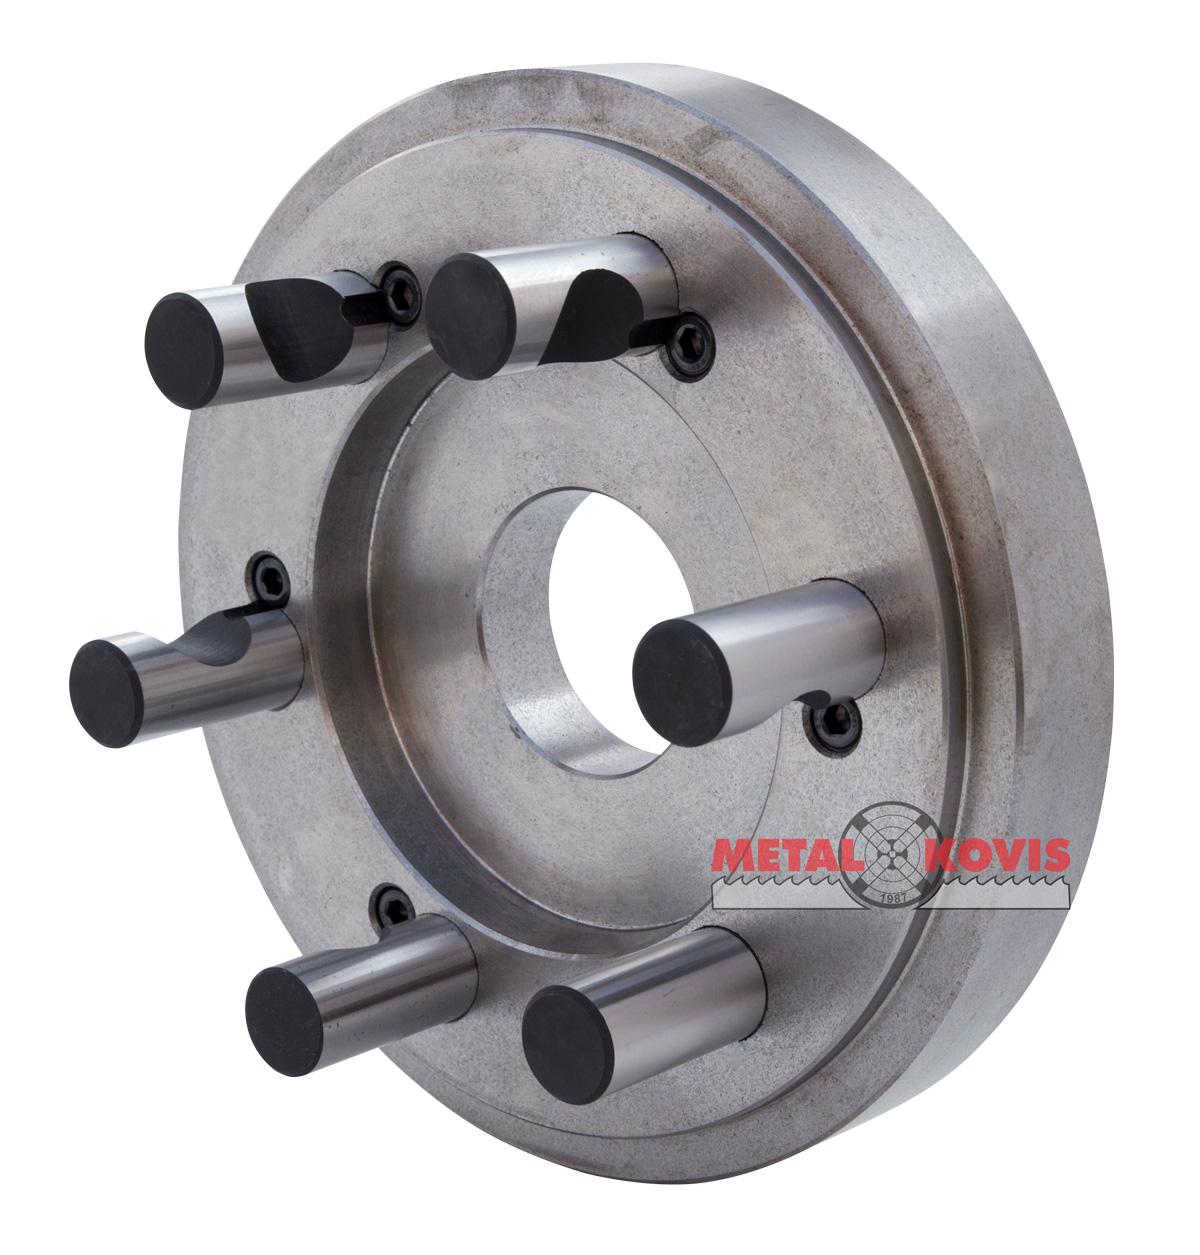 Prirubnica D1-8, 250 mm, DIN55029